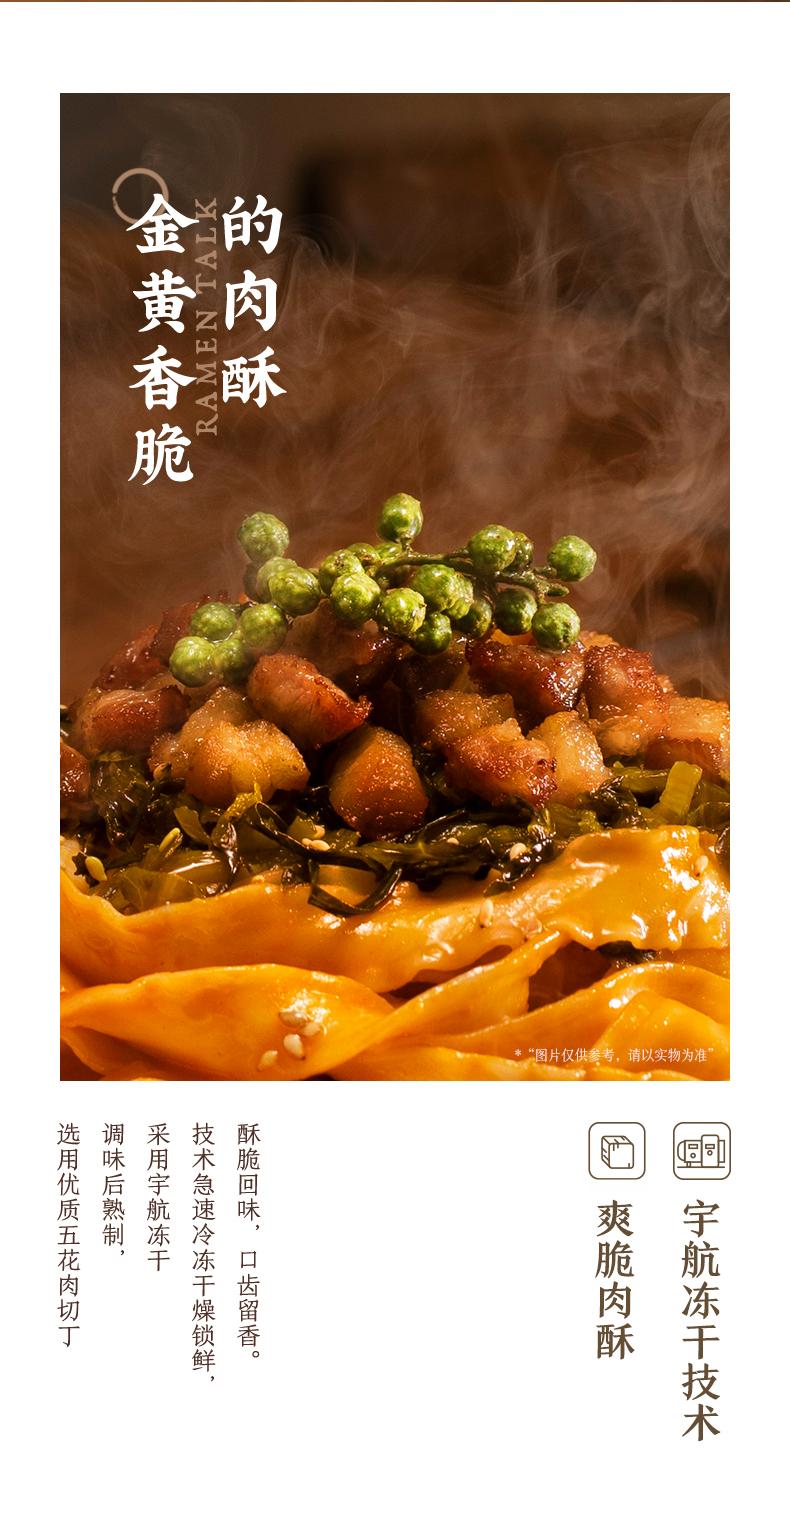 拉面说椒麻脆脆肉酥拌面200g*1盒